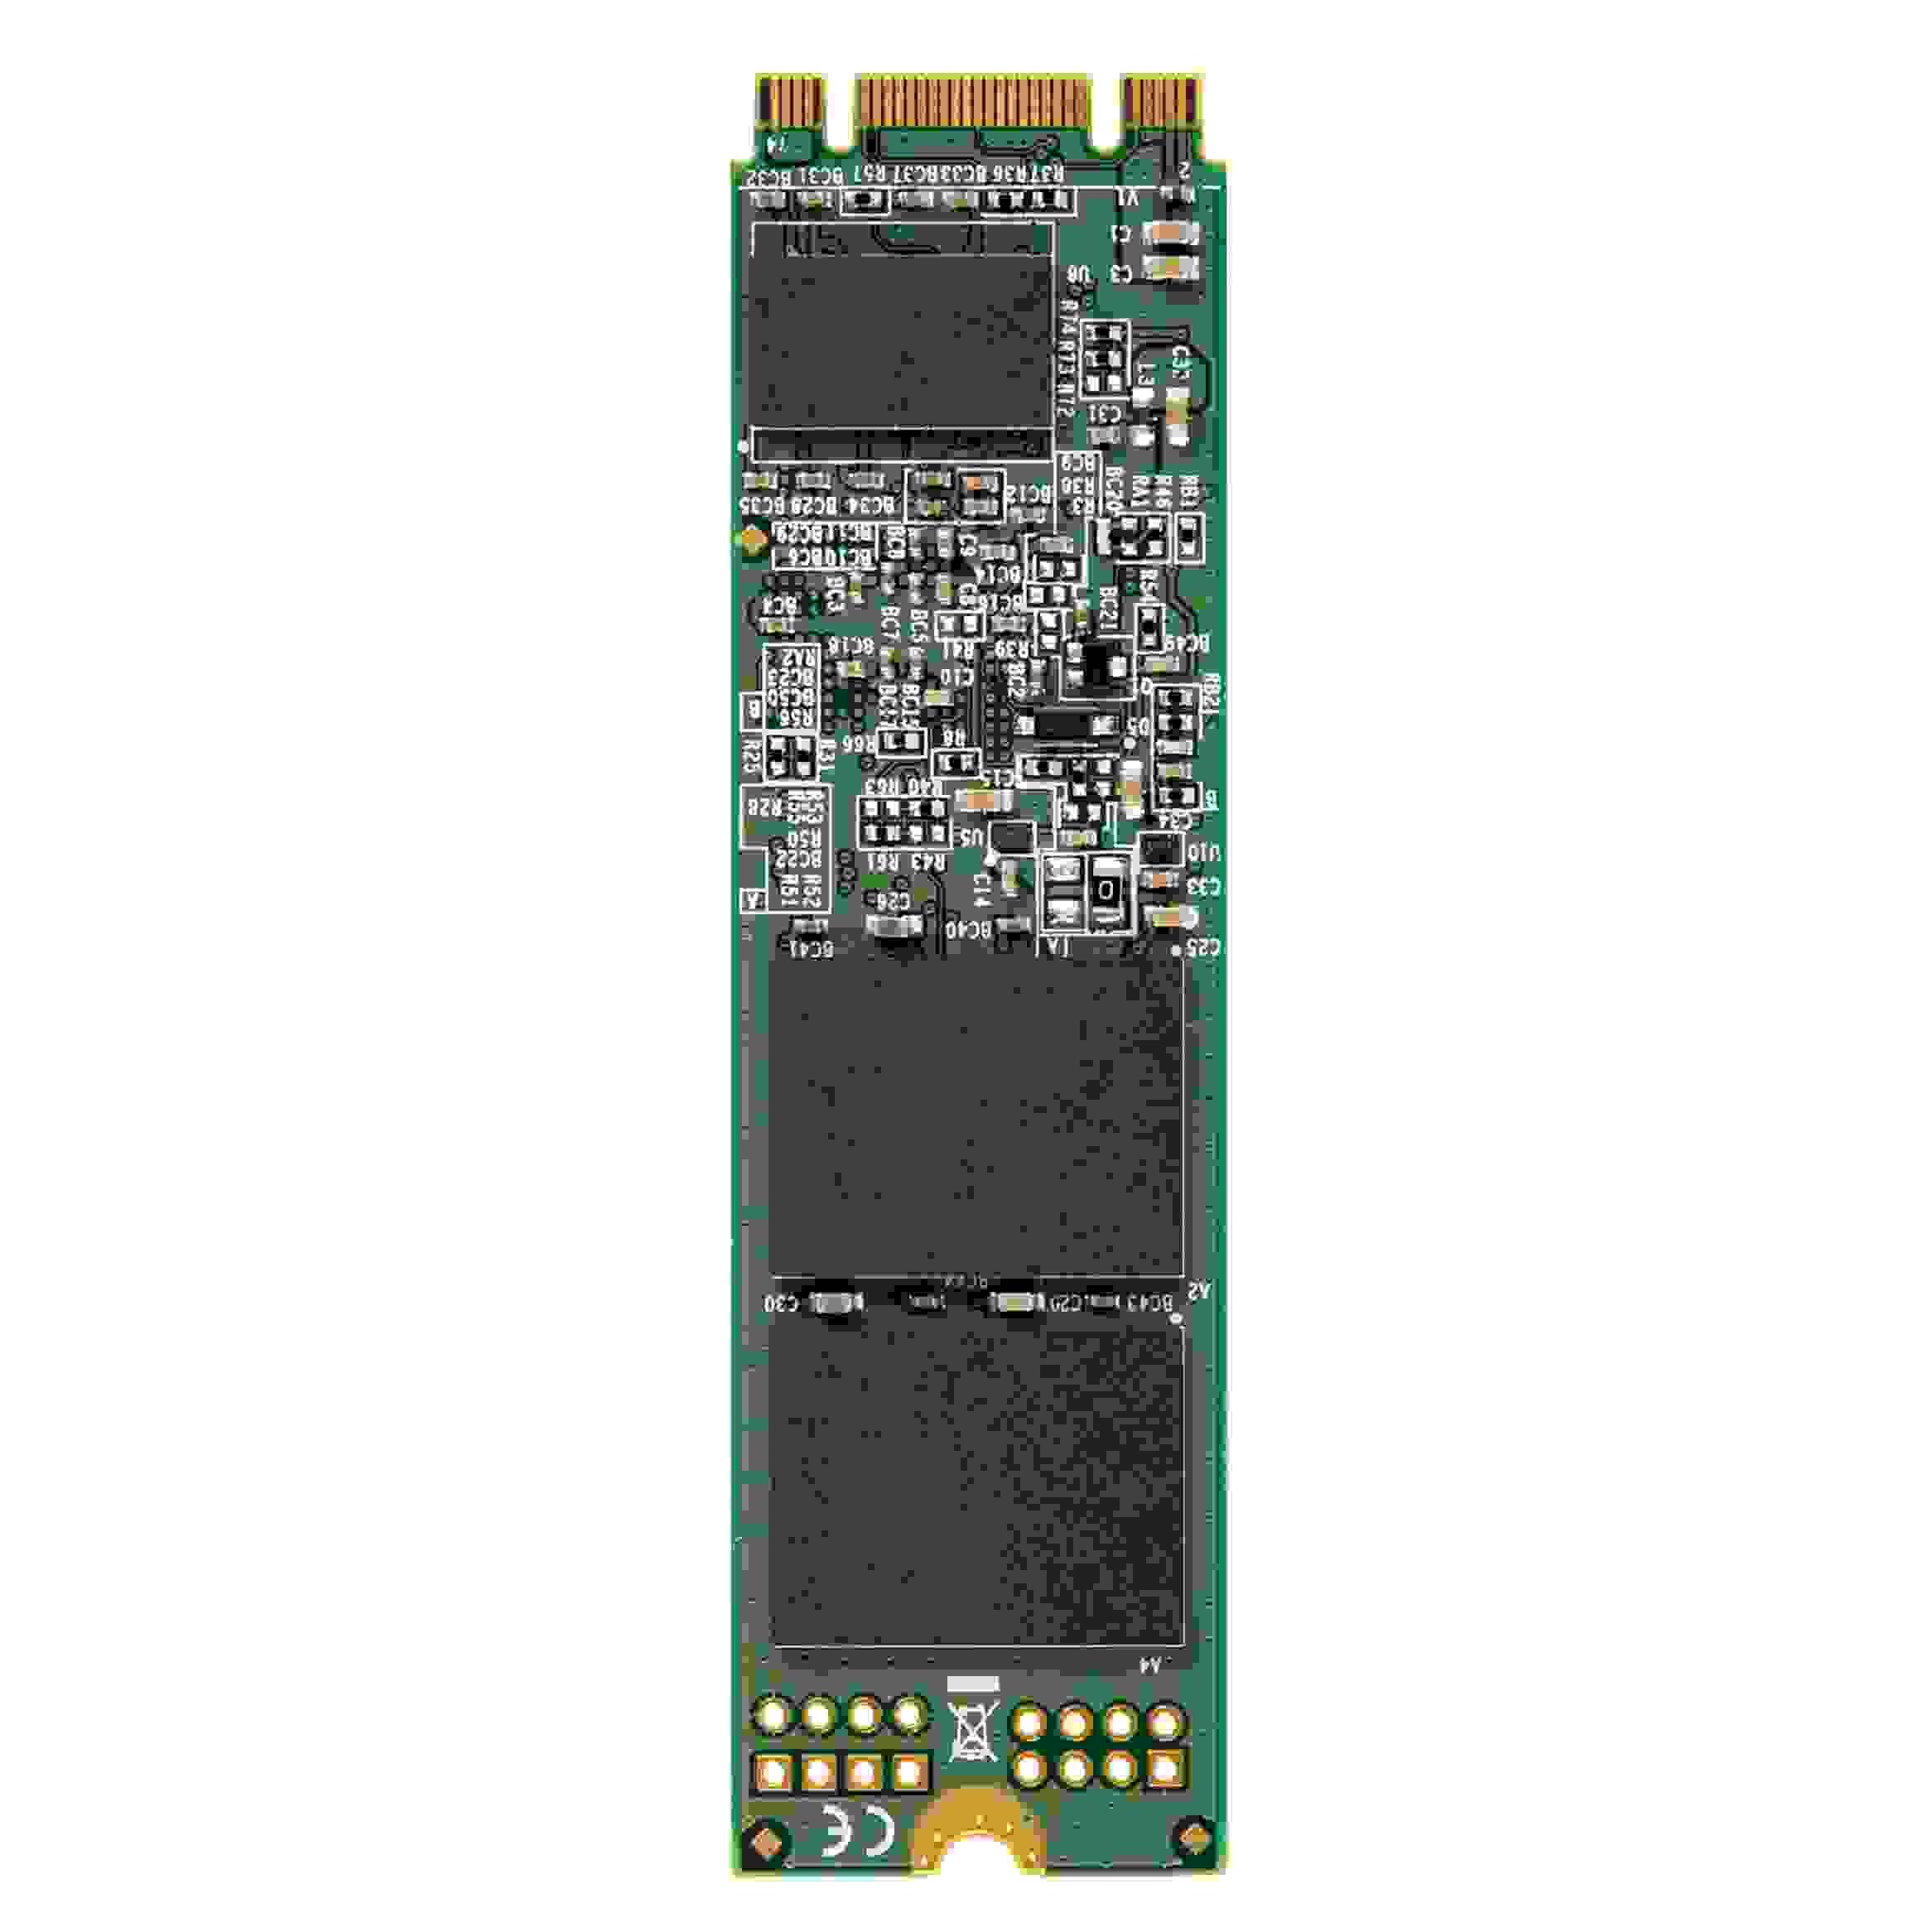 TRANSCEND Industrial SSD MTS800 64GB, M.2 2280, SATA III 6Gb/s, MLC (TS64GMTS800S)